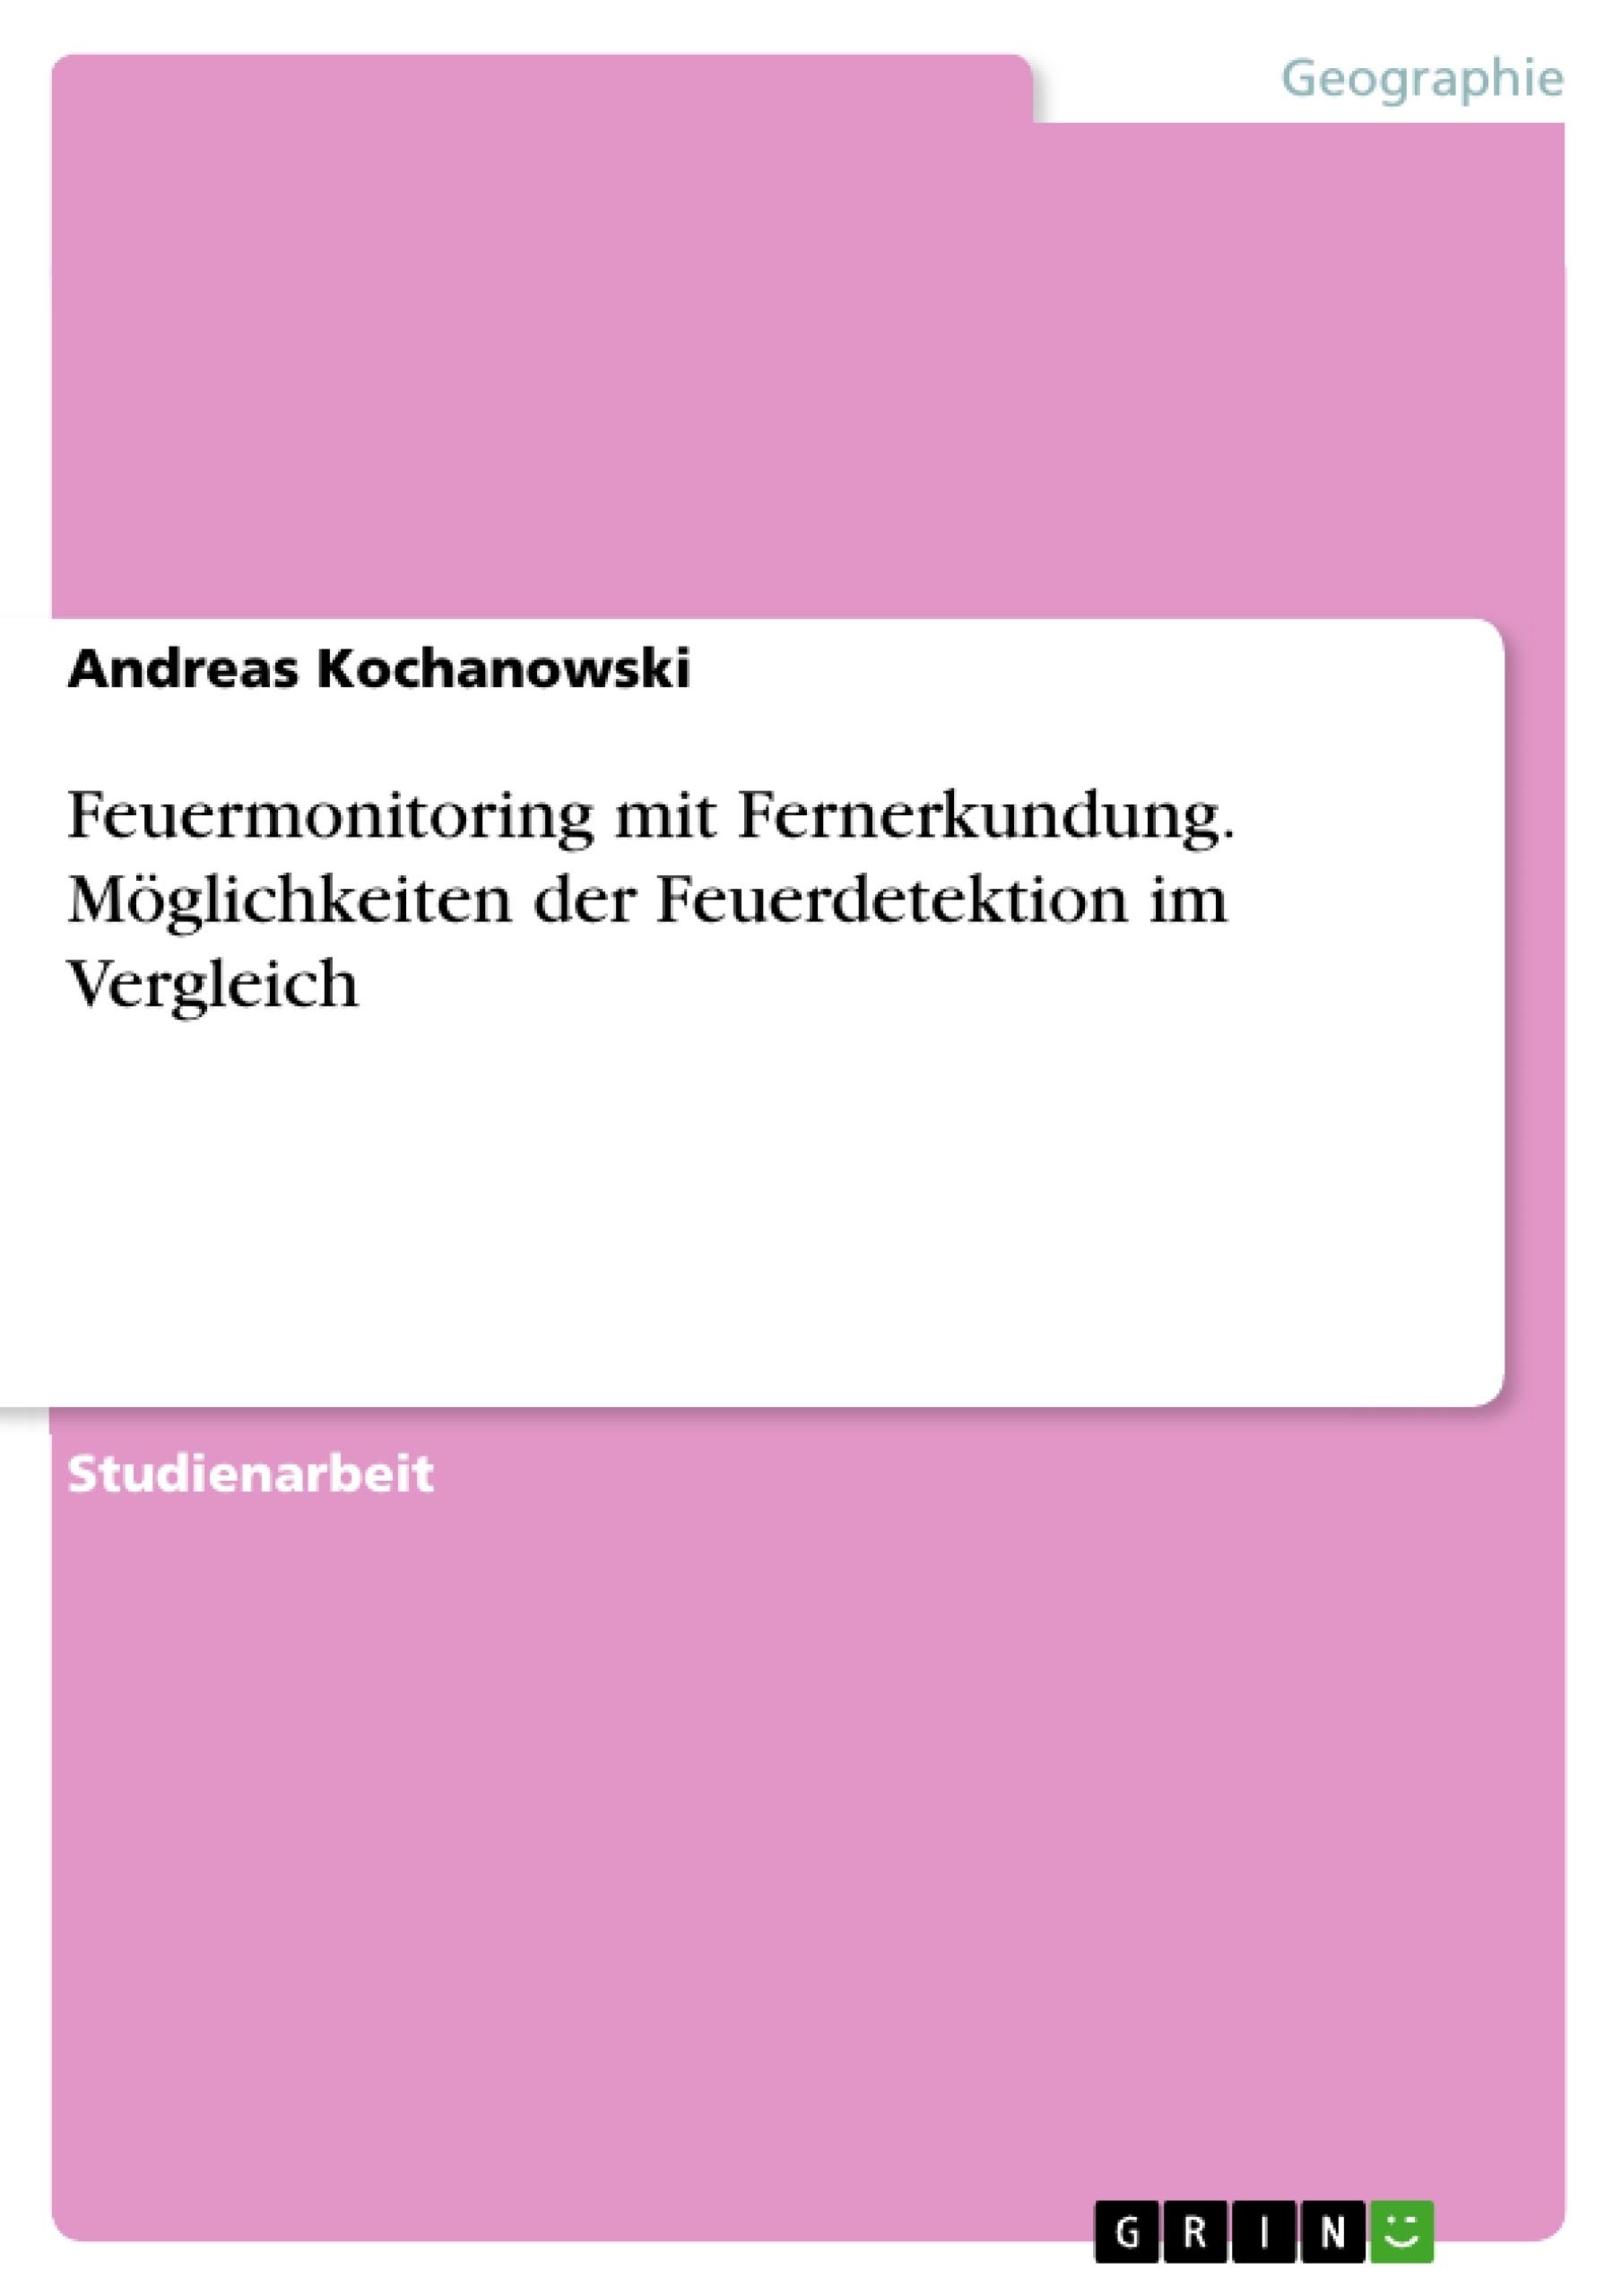 Titel: Feuermonitoring mit Fernerkundung. Möglichkeiten der Feuerdetektion im Vergleich